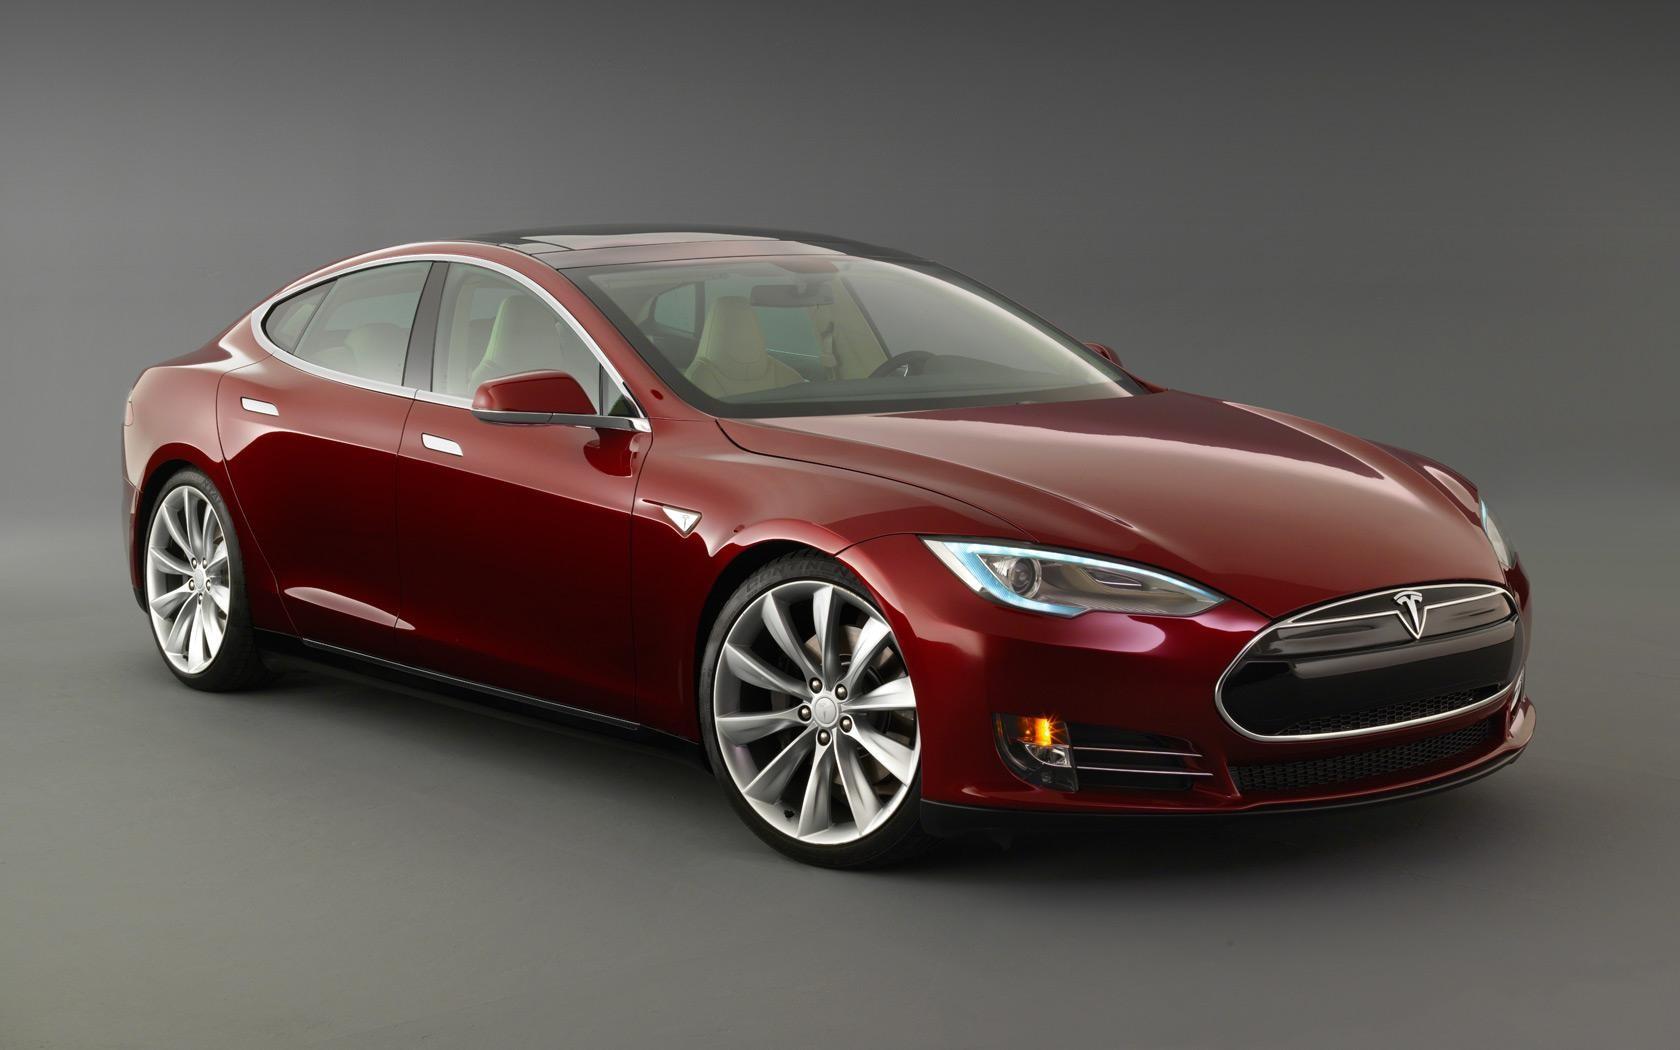 ВГермании Tesla попросили неупоминать автопилот врекламе автомобиля